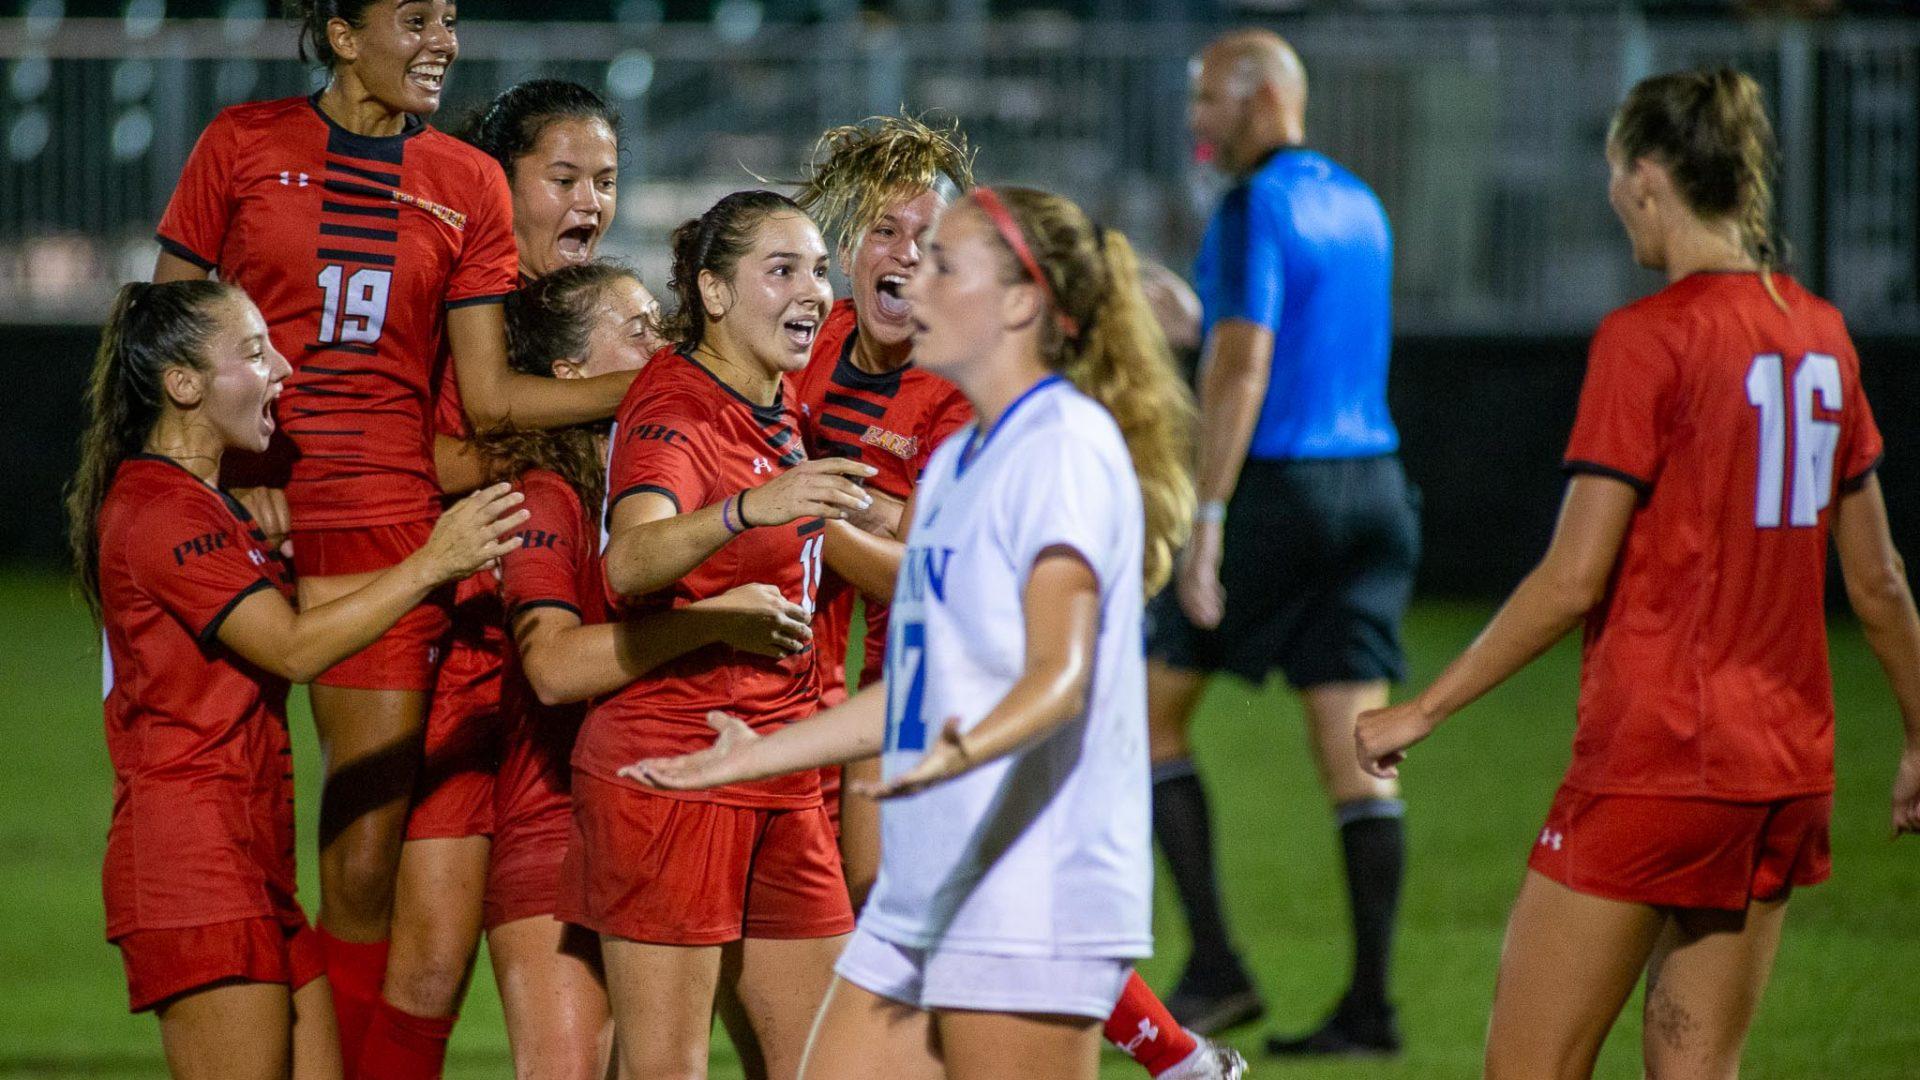 Flagler College women's soccer holds off Lynn University upset attempt